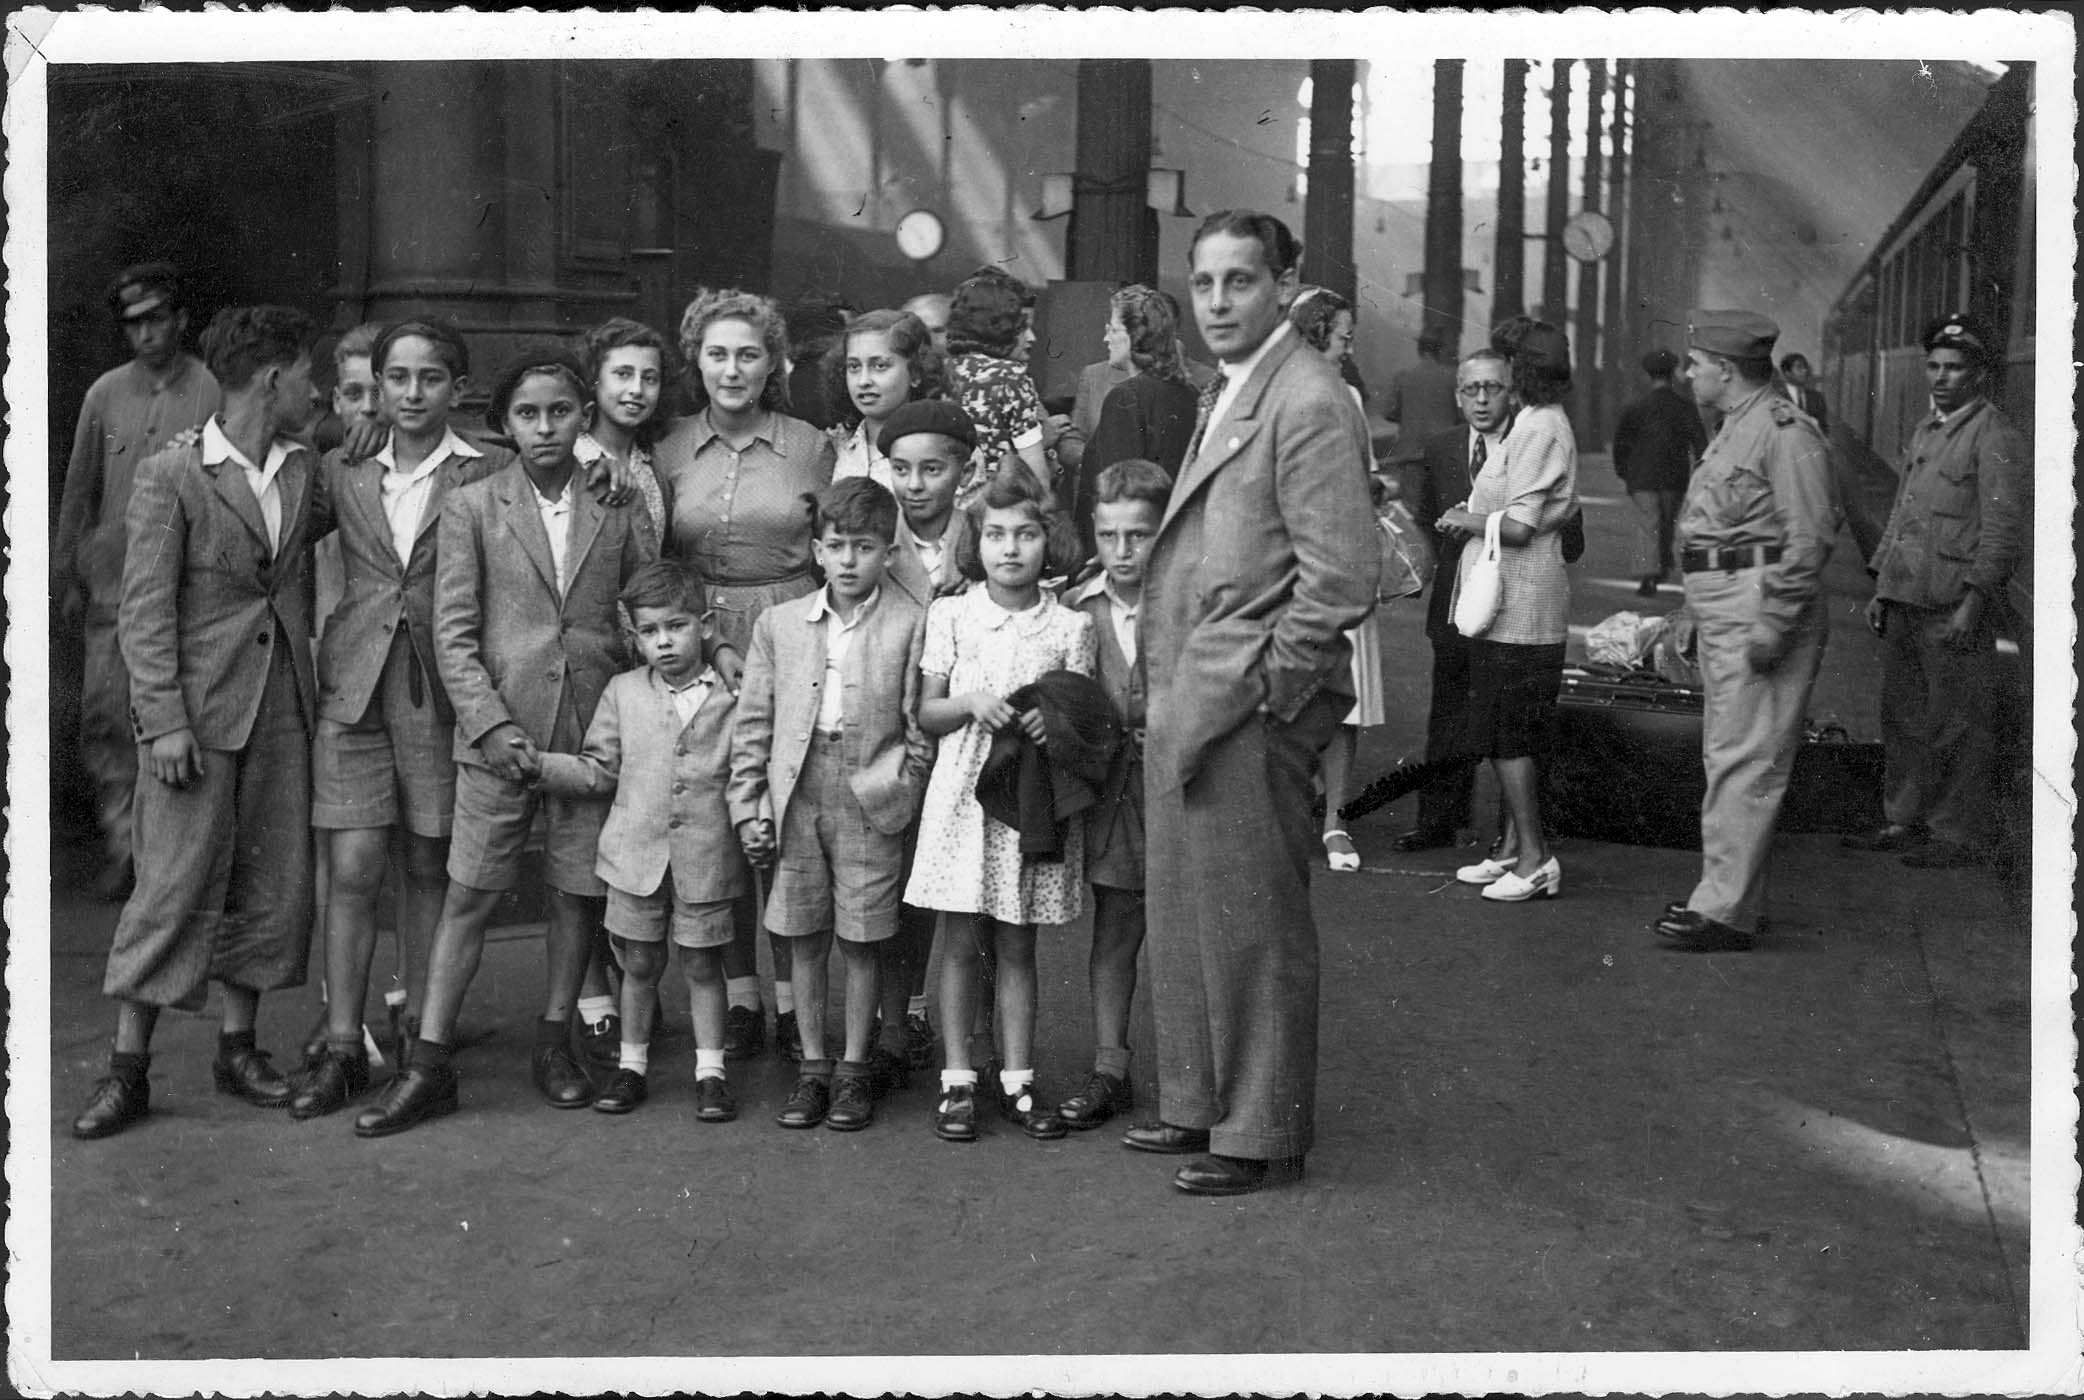 Grup de nens a l'estació de ferrocarril de Lisboa l'agost de 1944 després d'arribar des de Barcelona. Havien creuat clandestinament els Pirineus. Els acompanya Joel Sequerra, representant del American Jewish Joint Distribution Committee | Yad Vashem